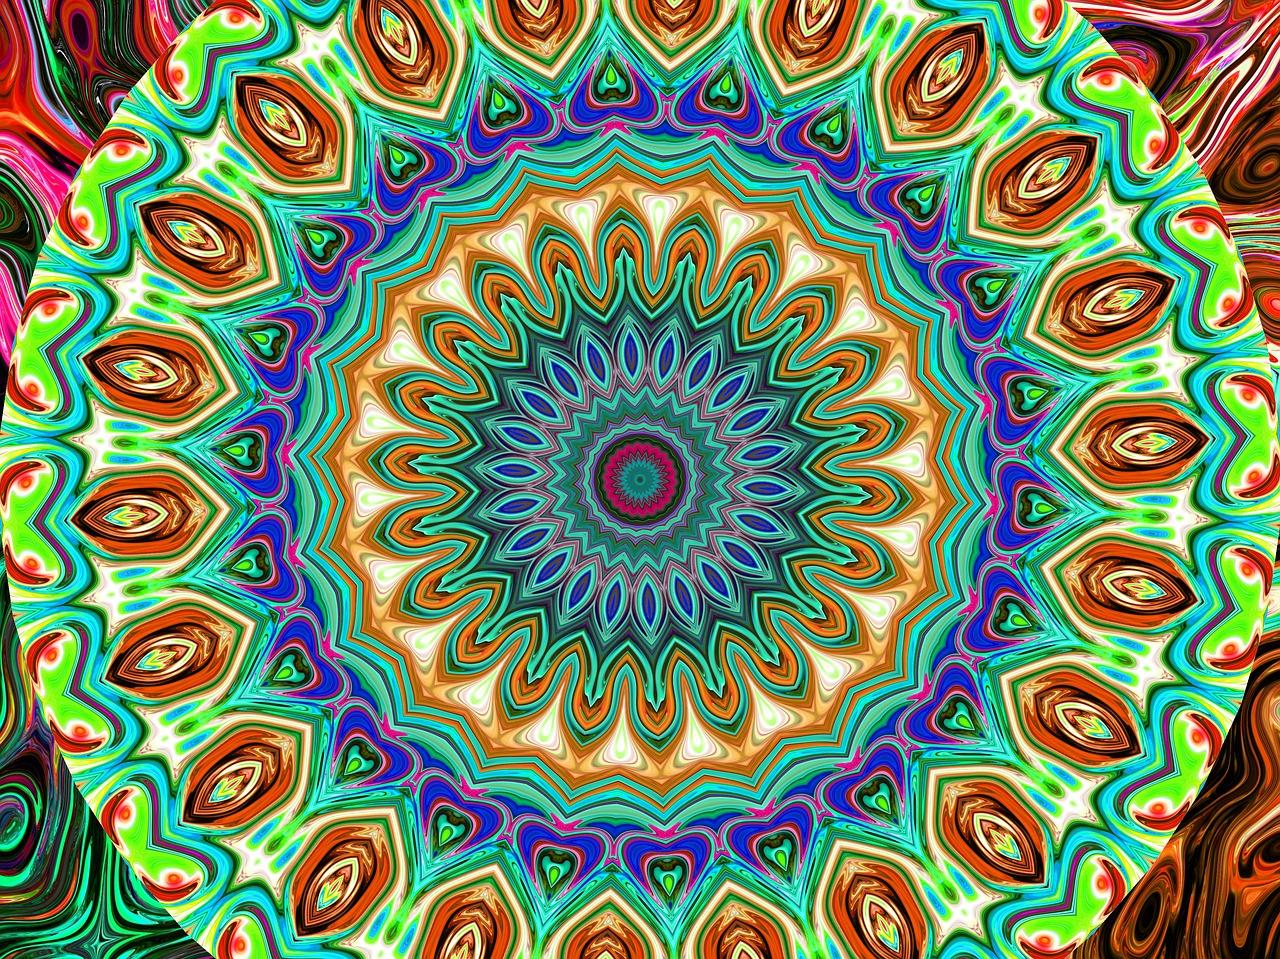 Malujemy mandalę. Co znaczą kolory w mandali według Junga? Kolory duszy